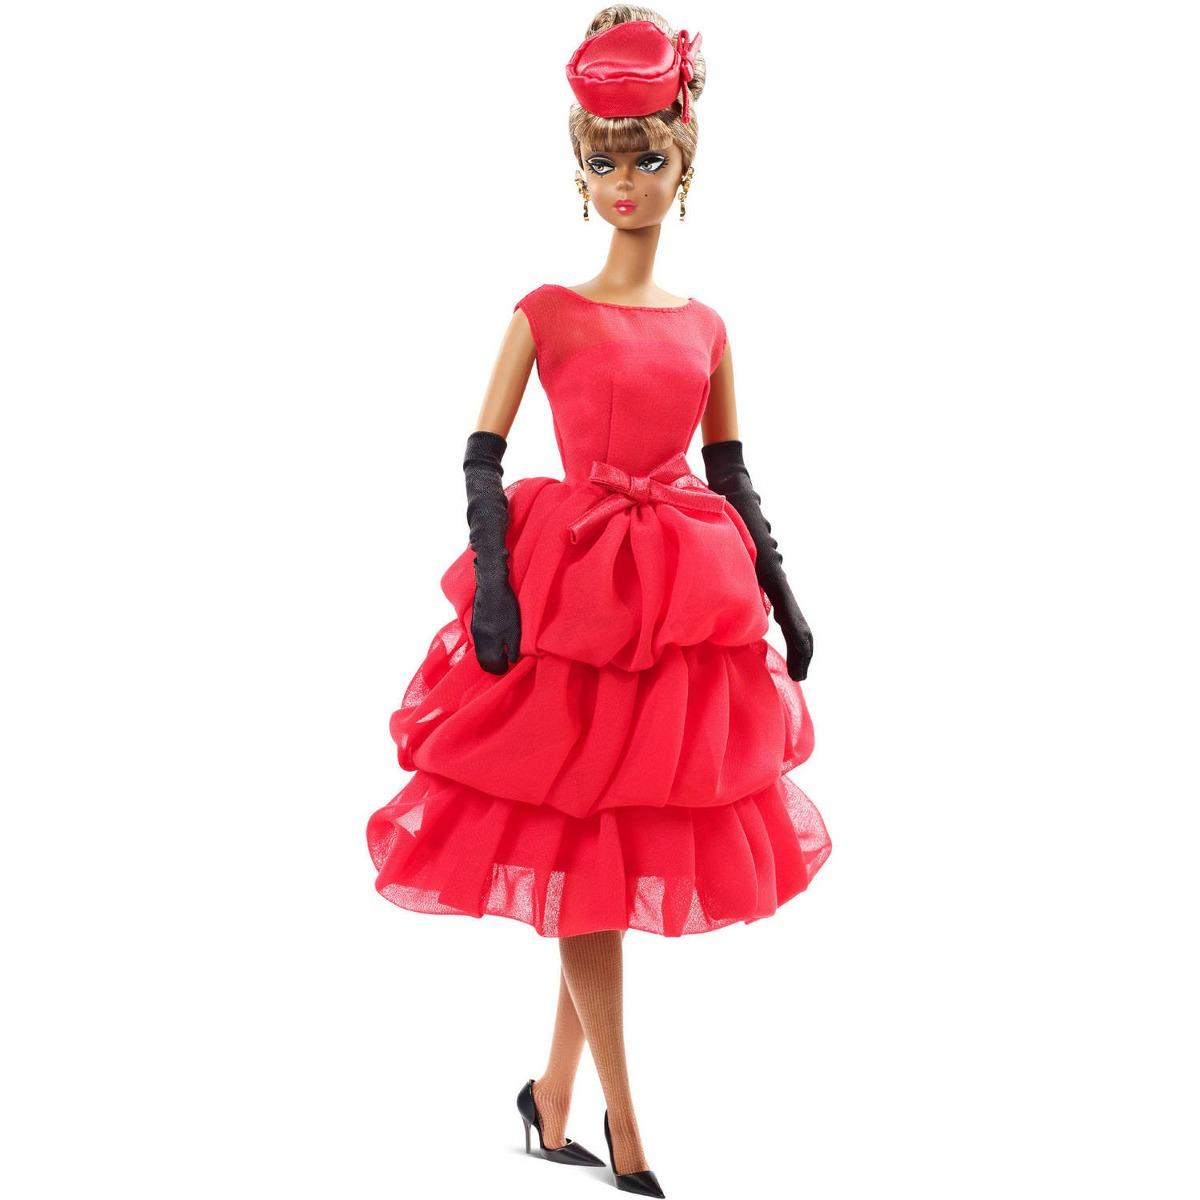 Barbie vestido rojo